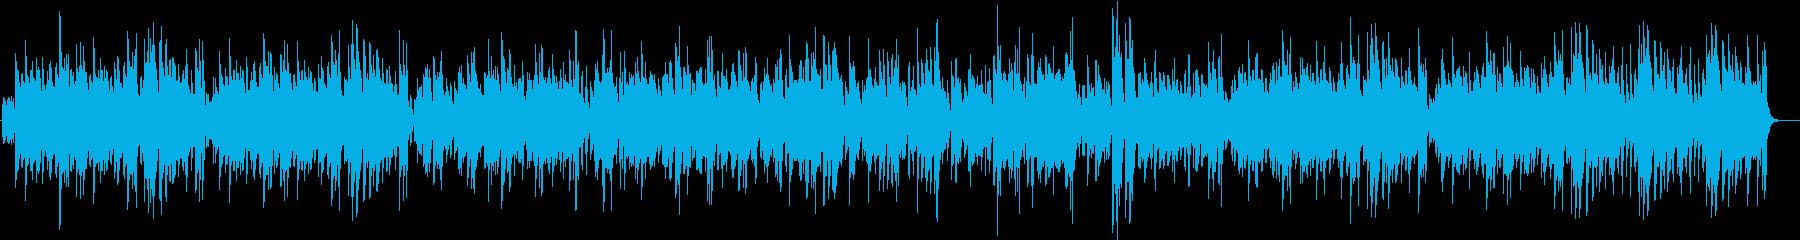 テナーサックスのスイングジャズの再生済みの波形